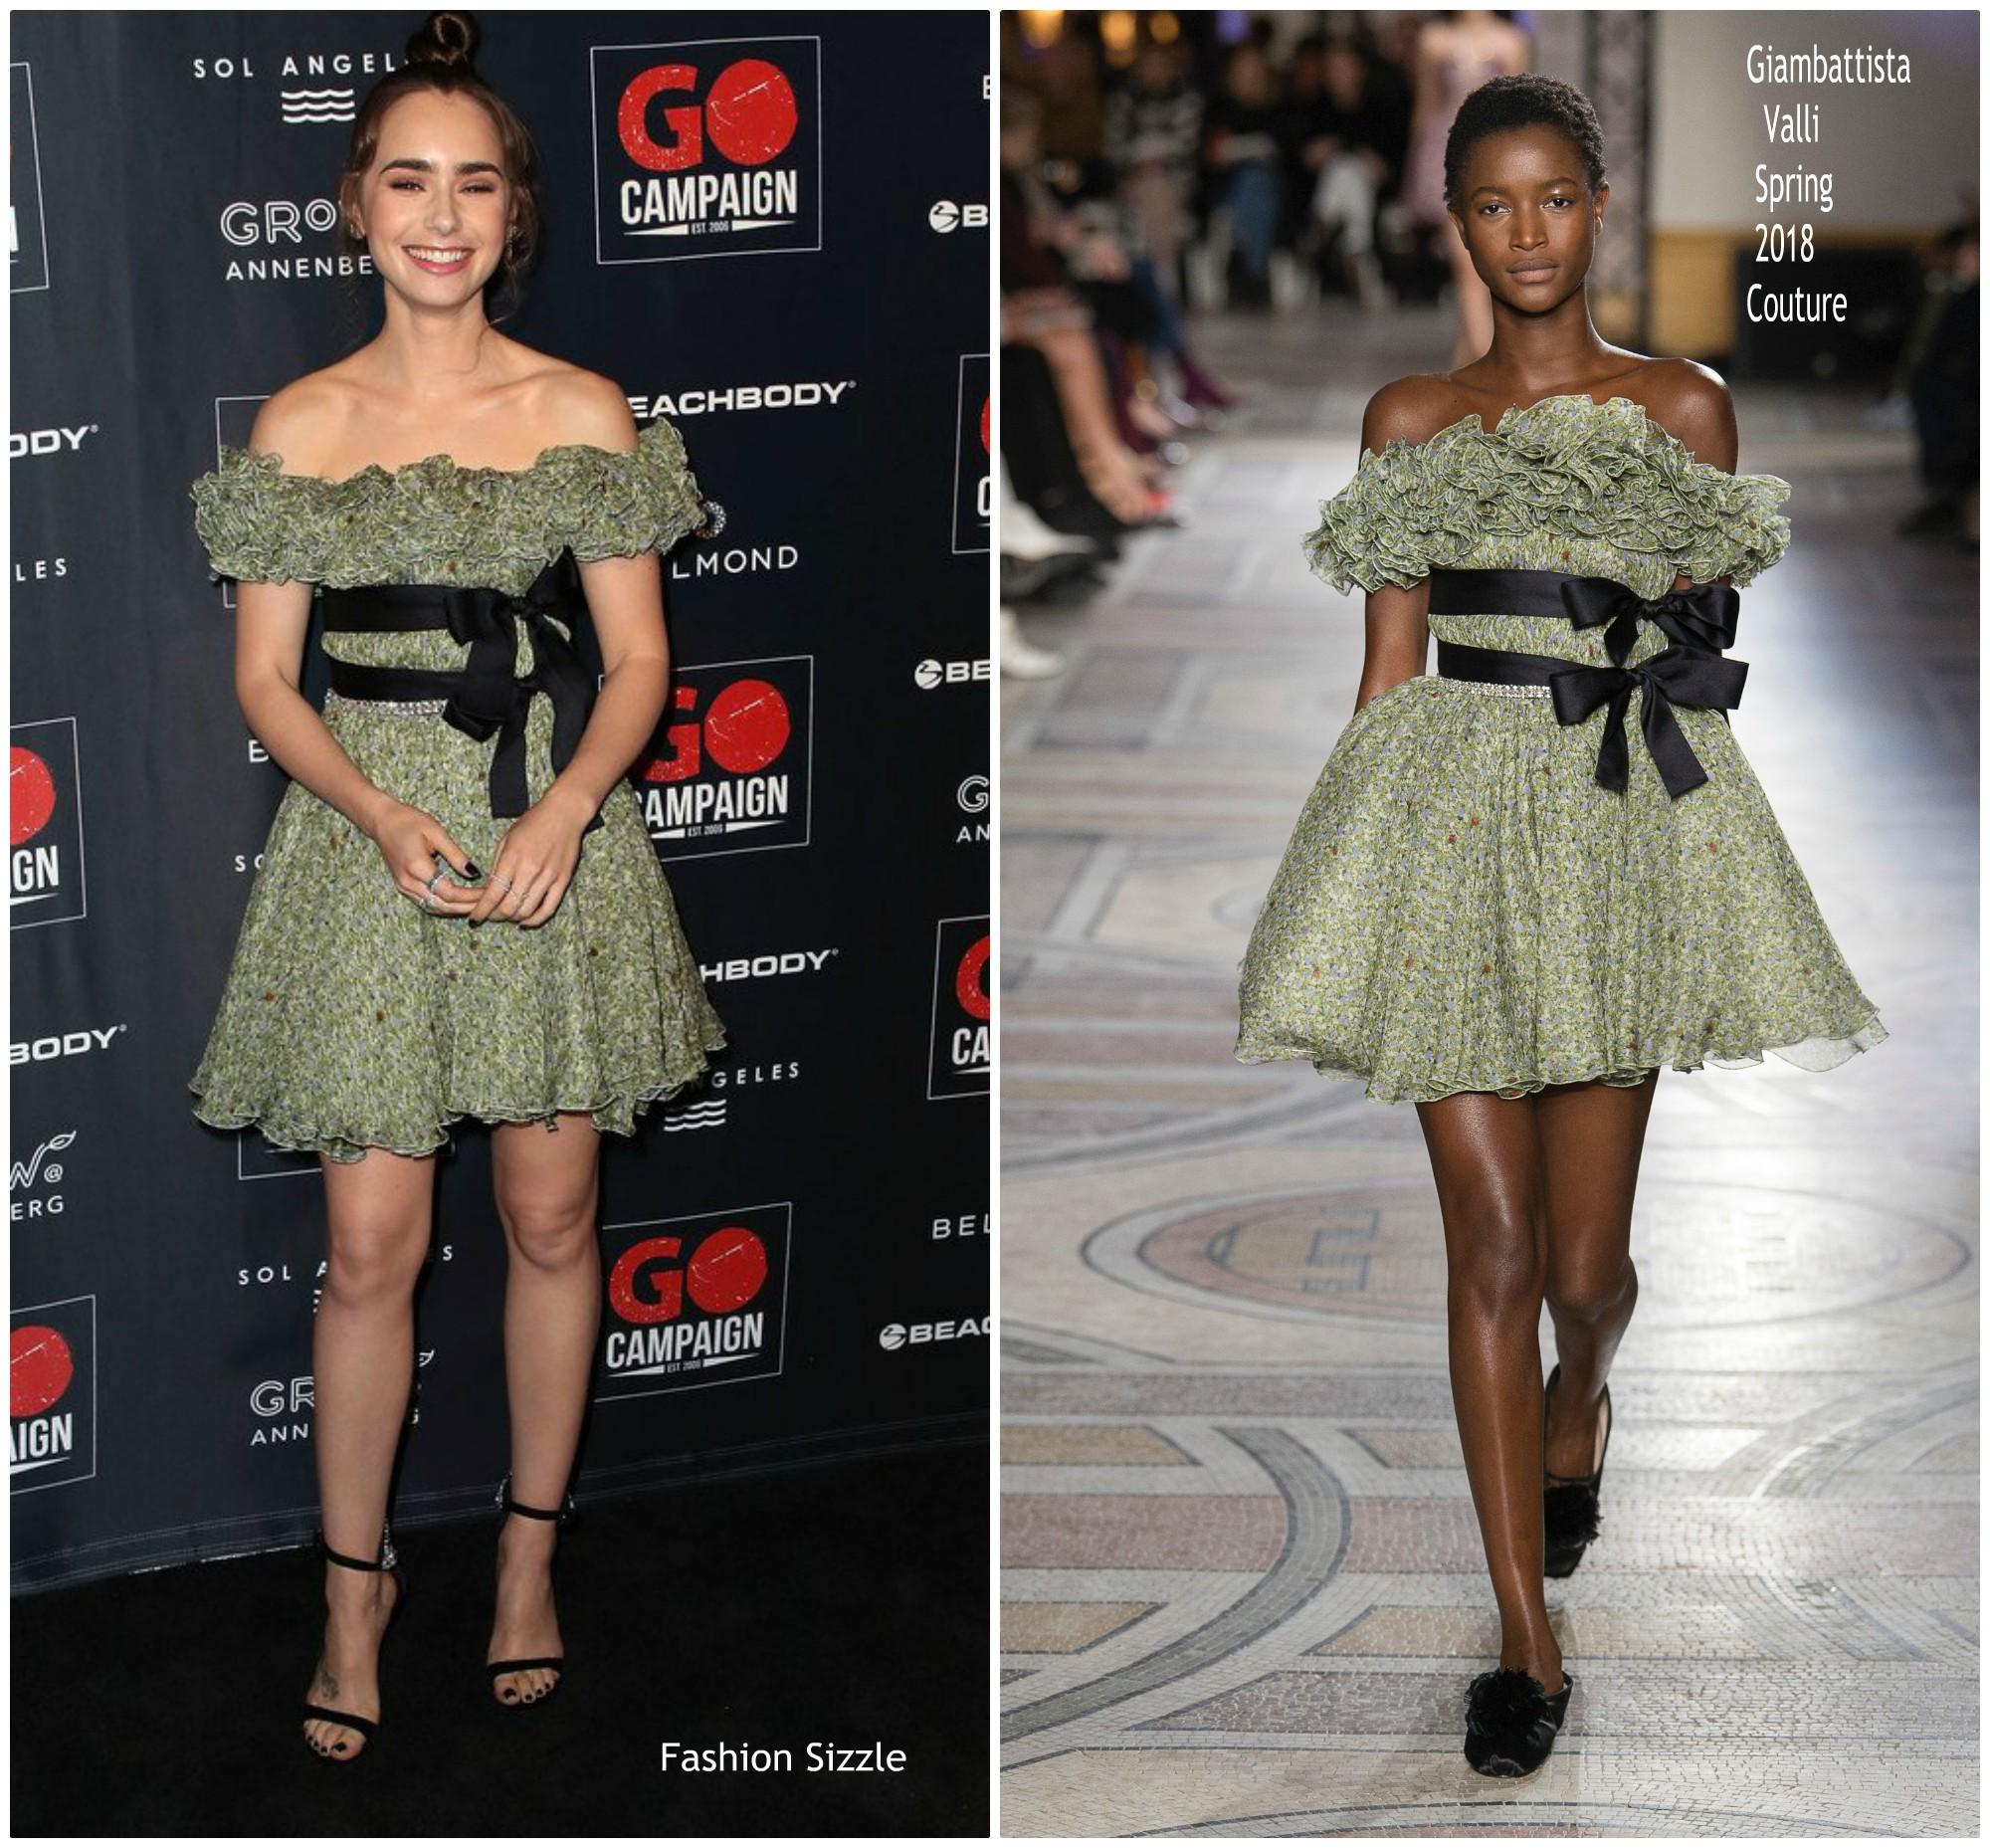 lily-collins-in-giambattista-valli-haute-couture-2018-go-campaign-gala